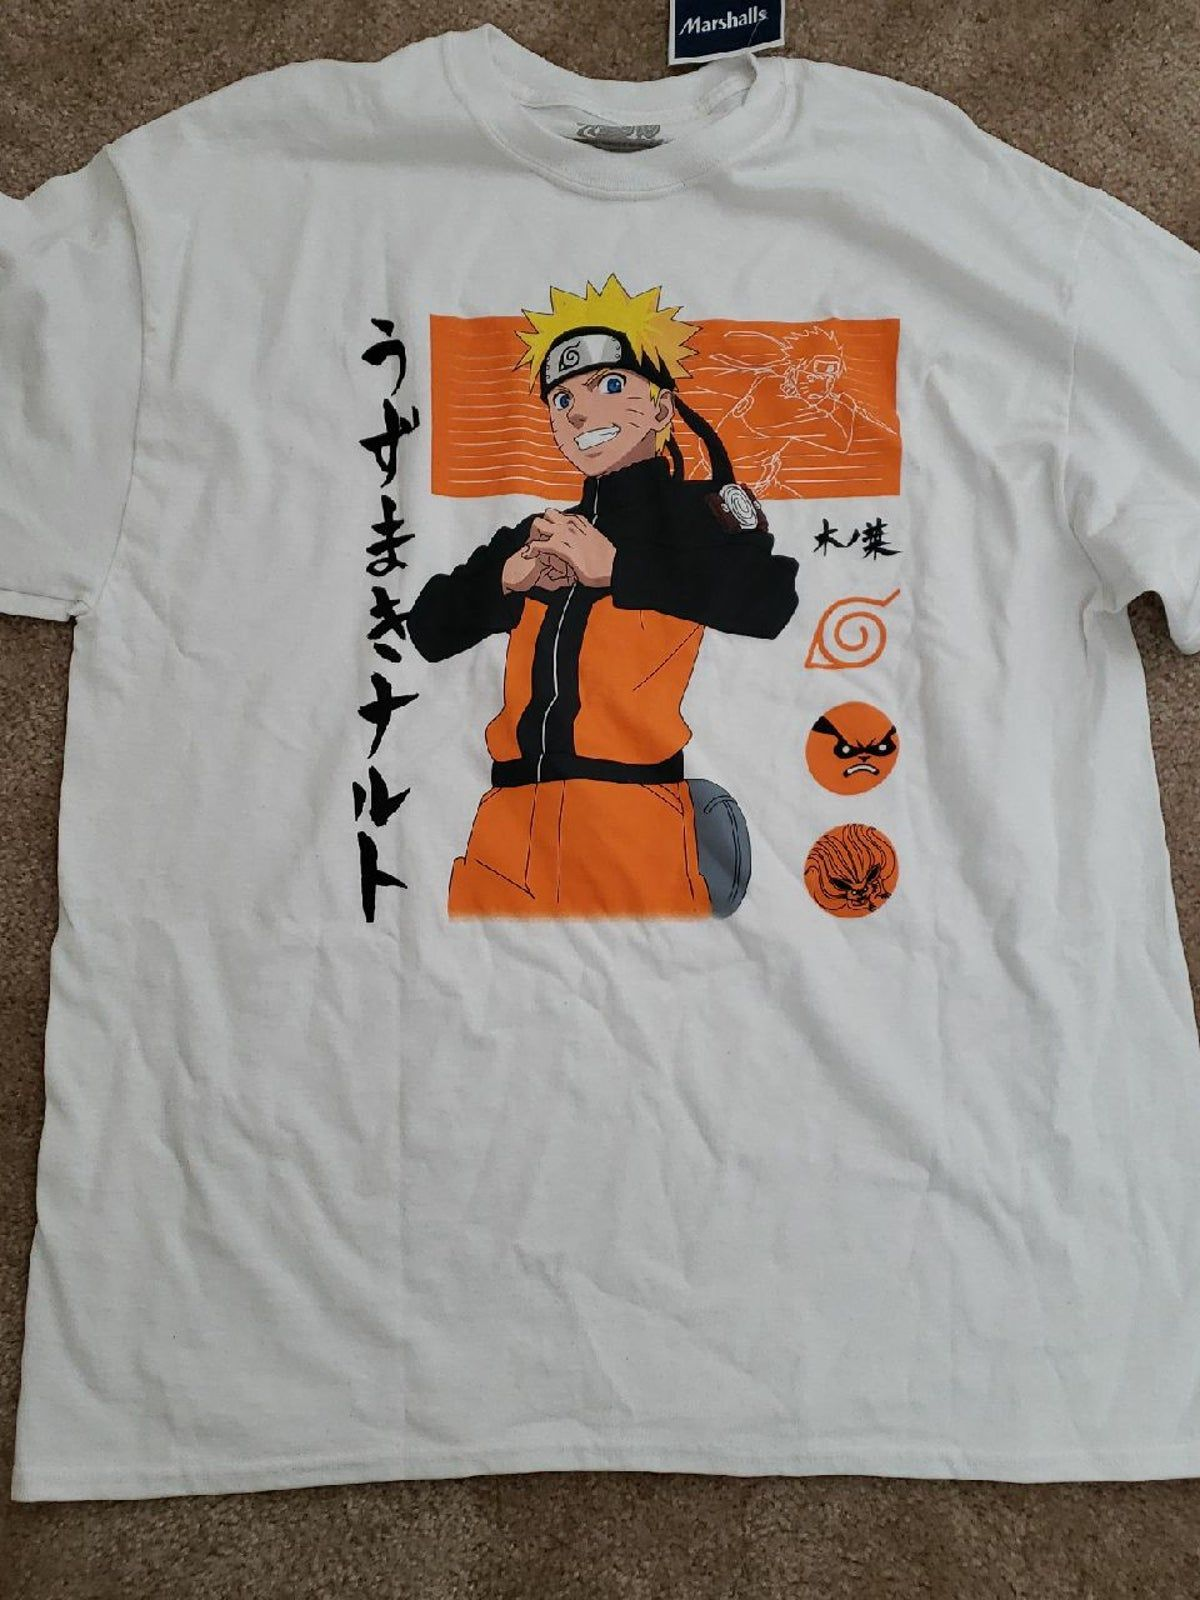 Naruto Shirt Xl Naruto Shirts Naruto Clothing Naruto T Shirt [ 1600 x 1200 Pixel ]